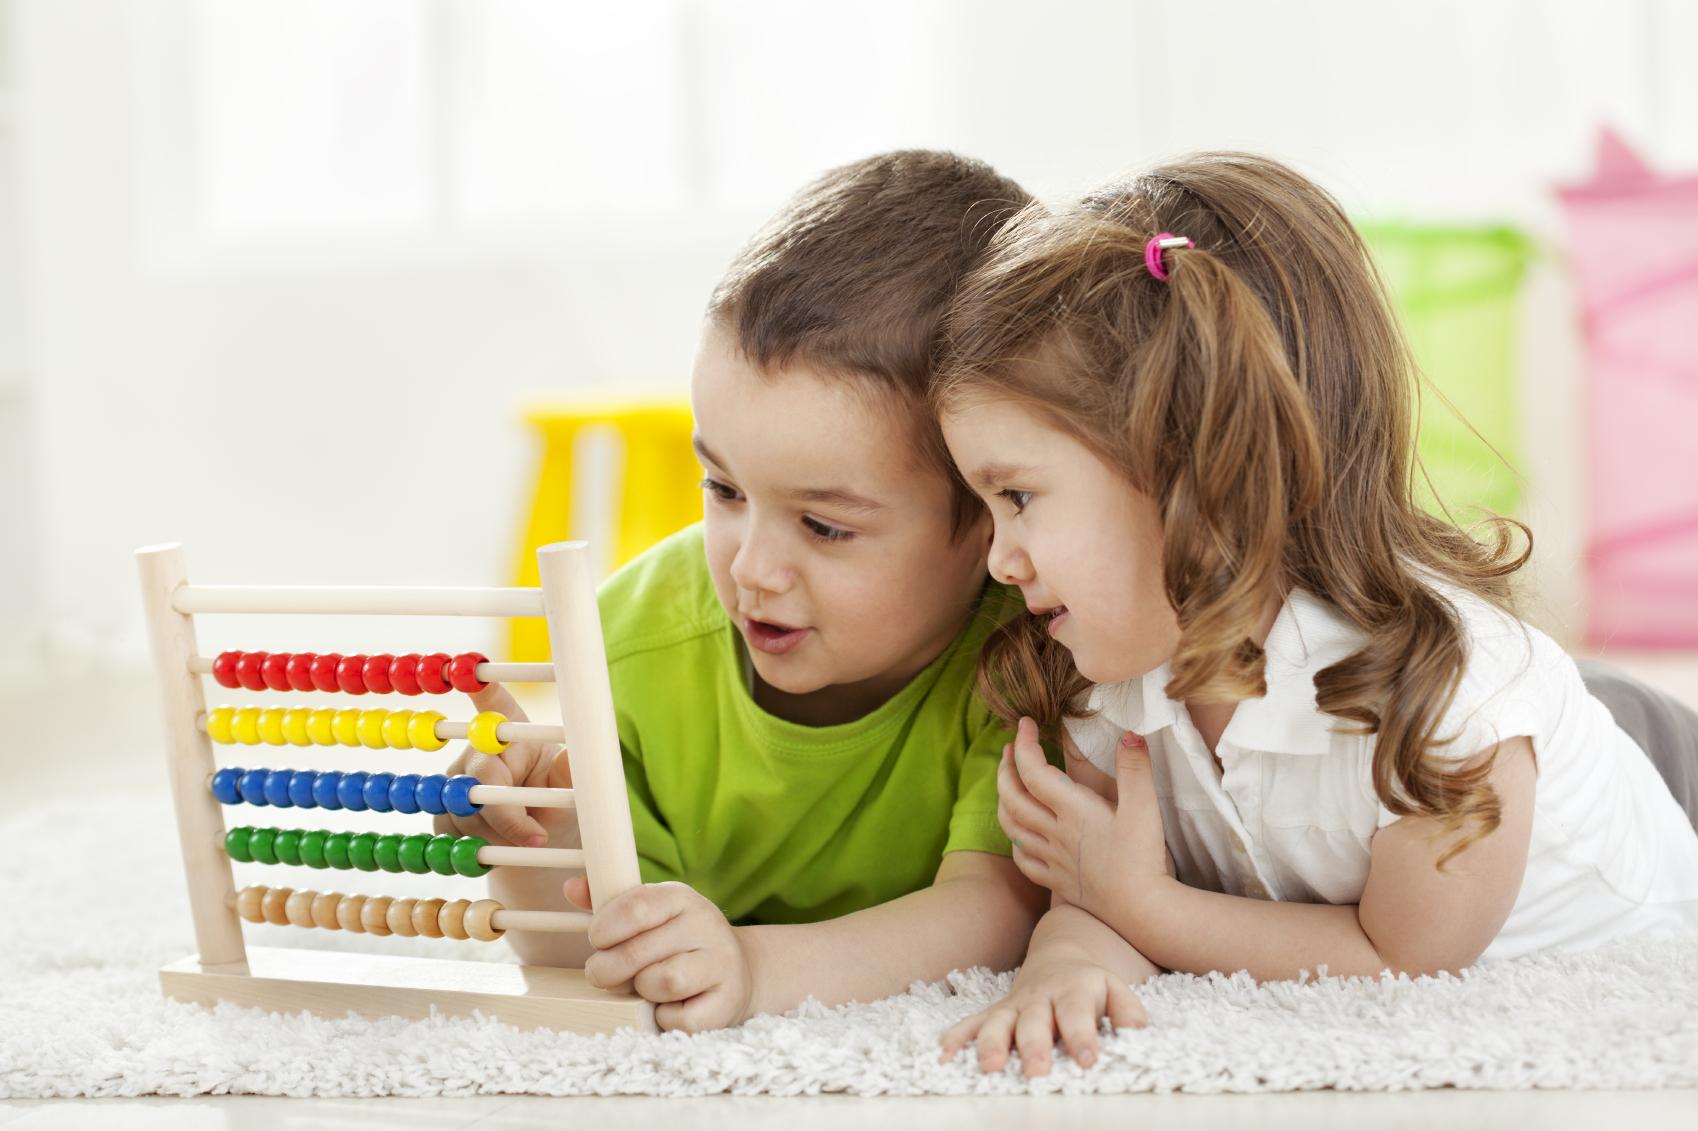 Các trung tâm tiếng Anh có uy tín và chất lượng đều có đội ngũ giáo viên giảng dạy giàu chuyên môn và kinh nghiệm